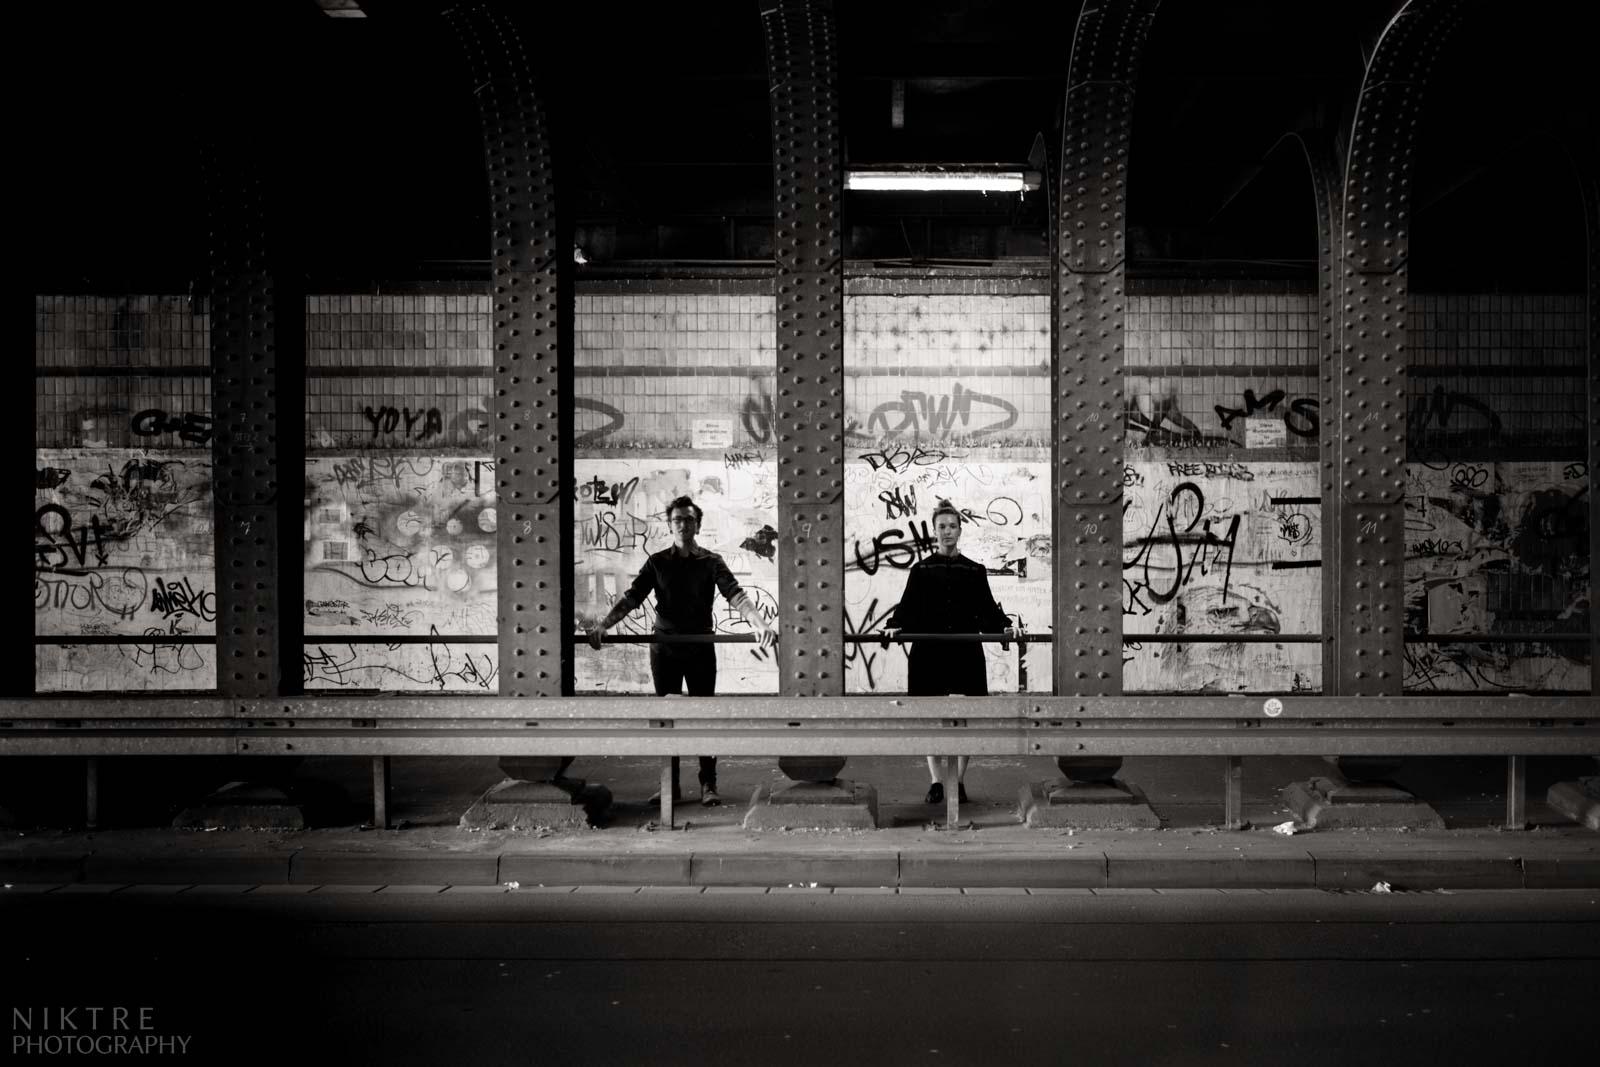 Paar im Tunnel mit Graffiti